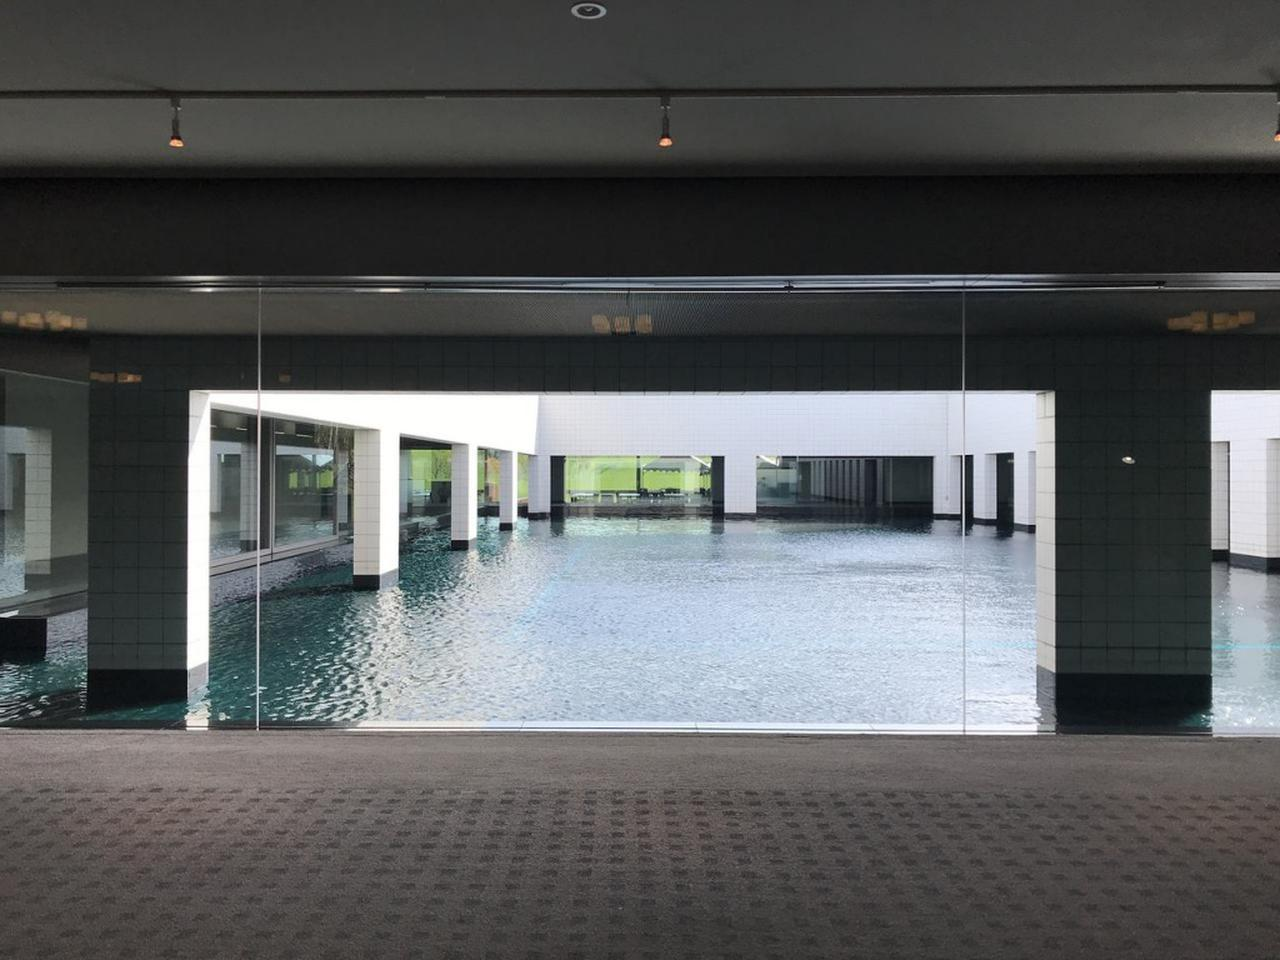 画像: ゆったりした空間で心地いいクラブハウス内。中央に池が広がる